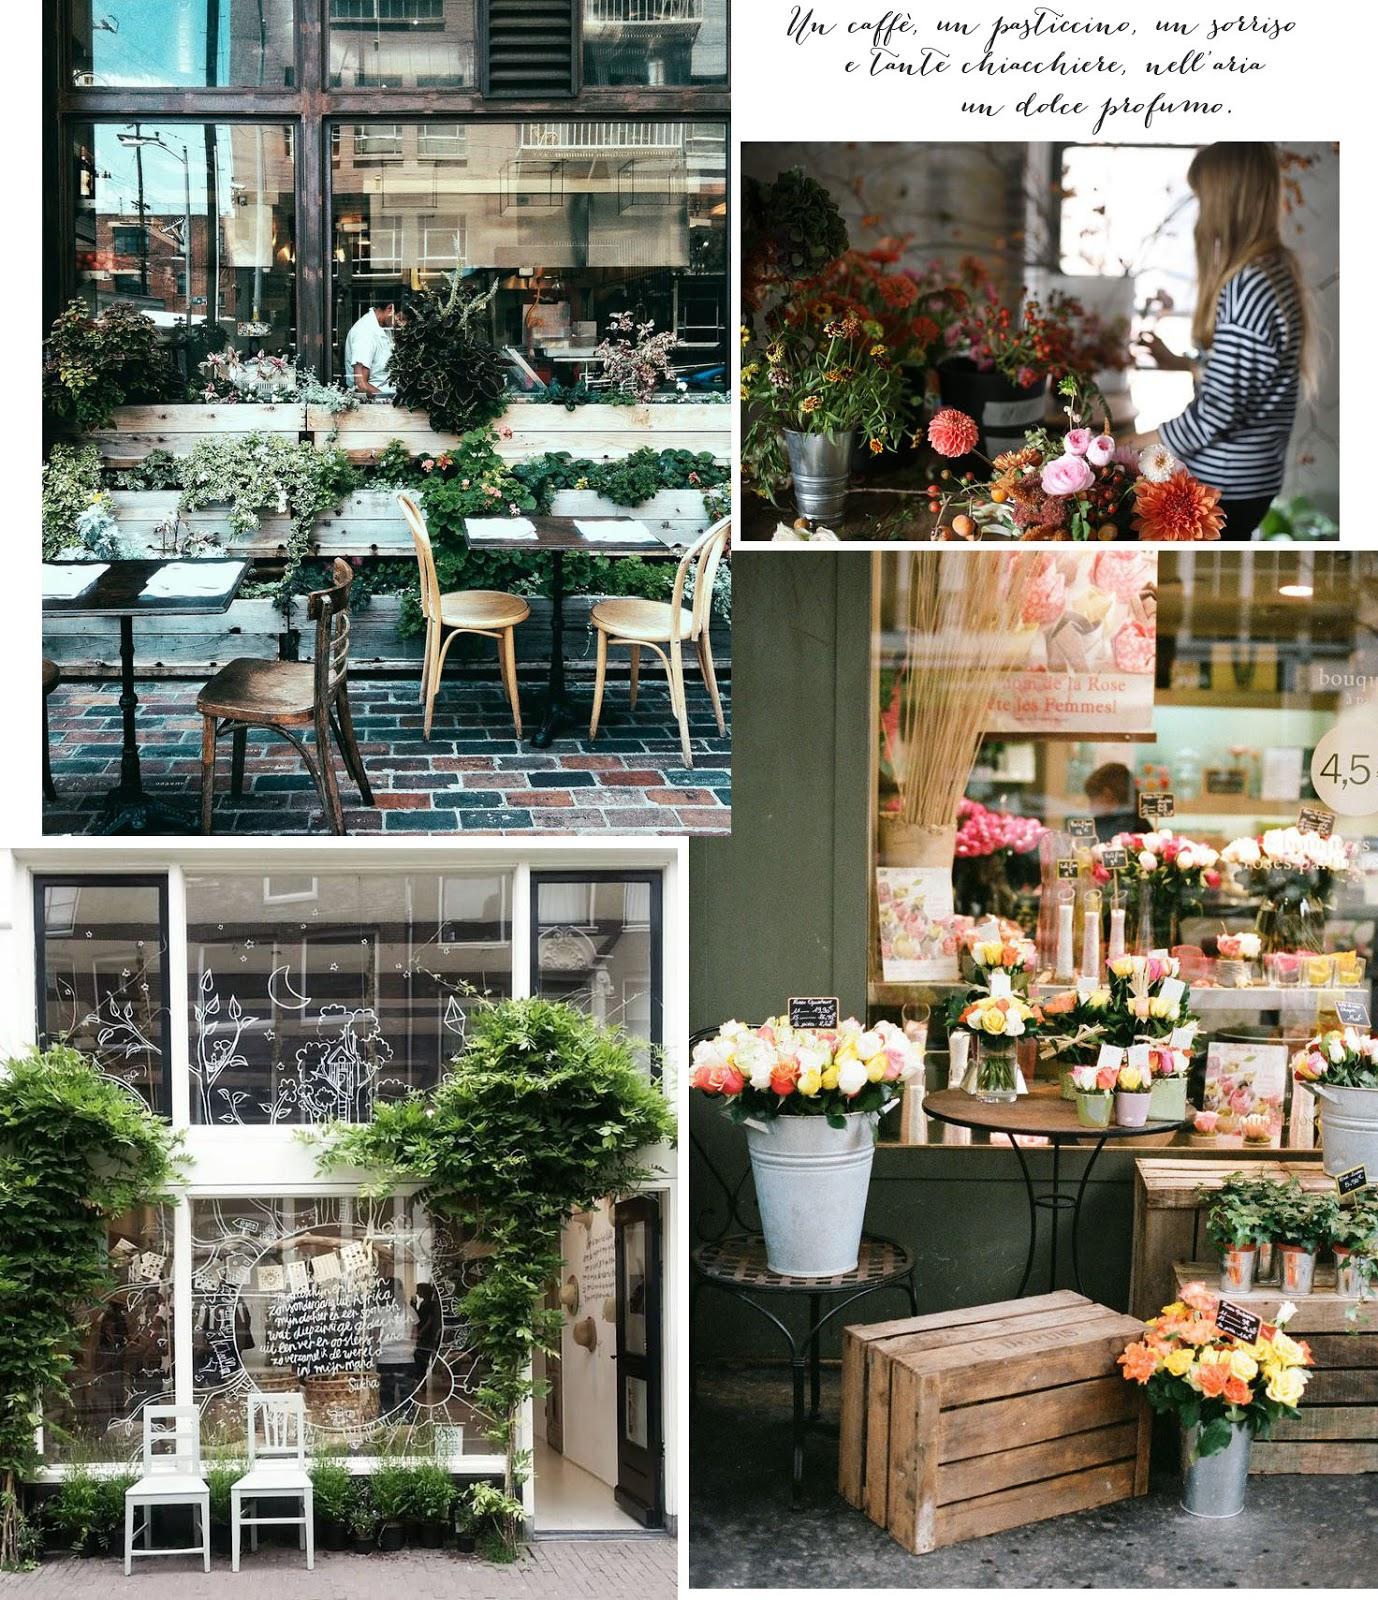 cibo & fiori - shabby chic interiors - Arredamento Shabby Chic Milano